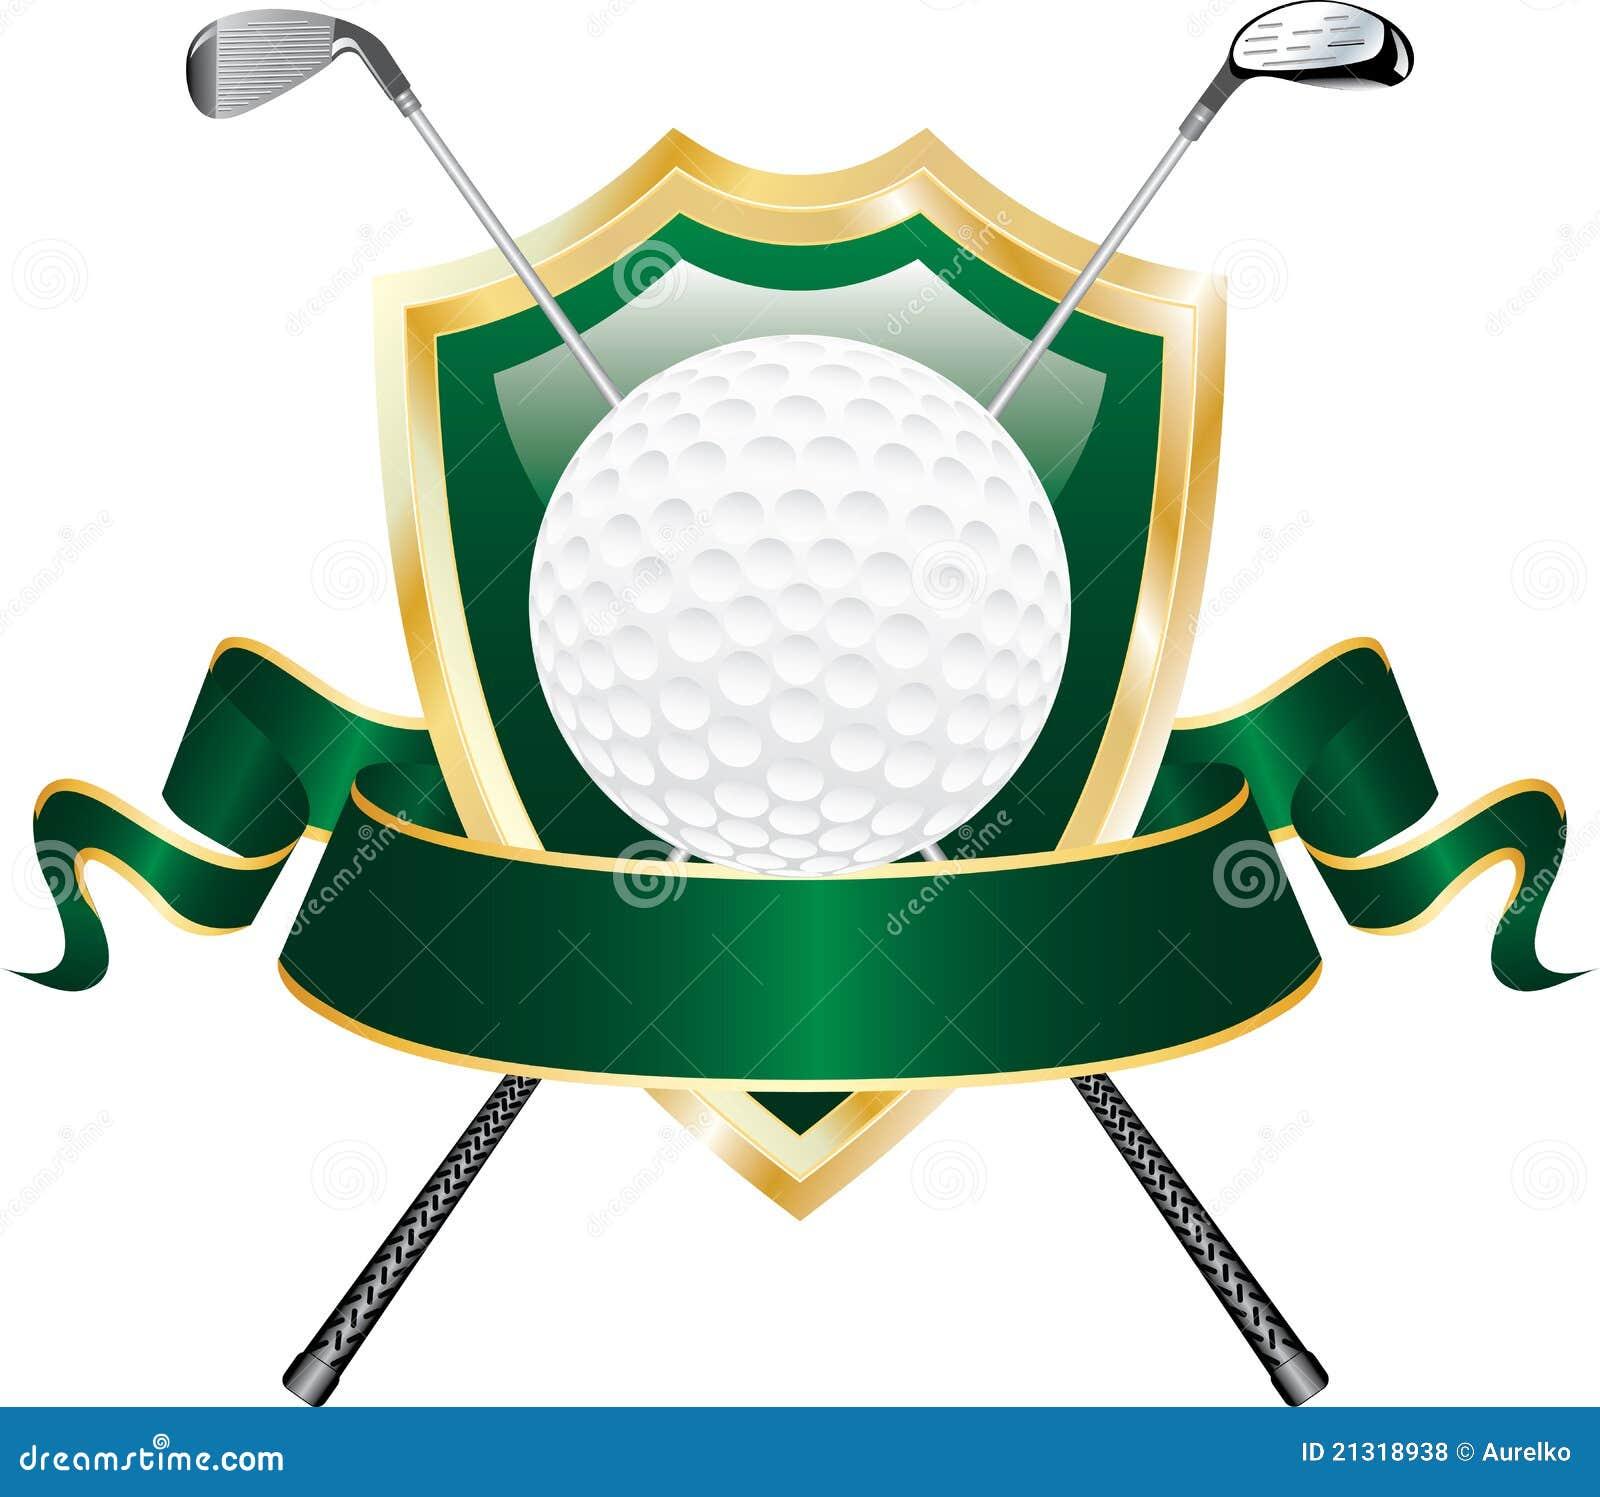 Go Back > Images For > Golf Banner Clip Art